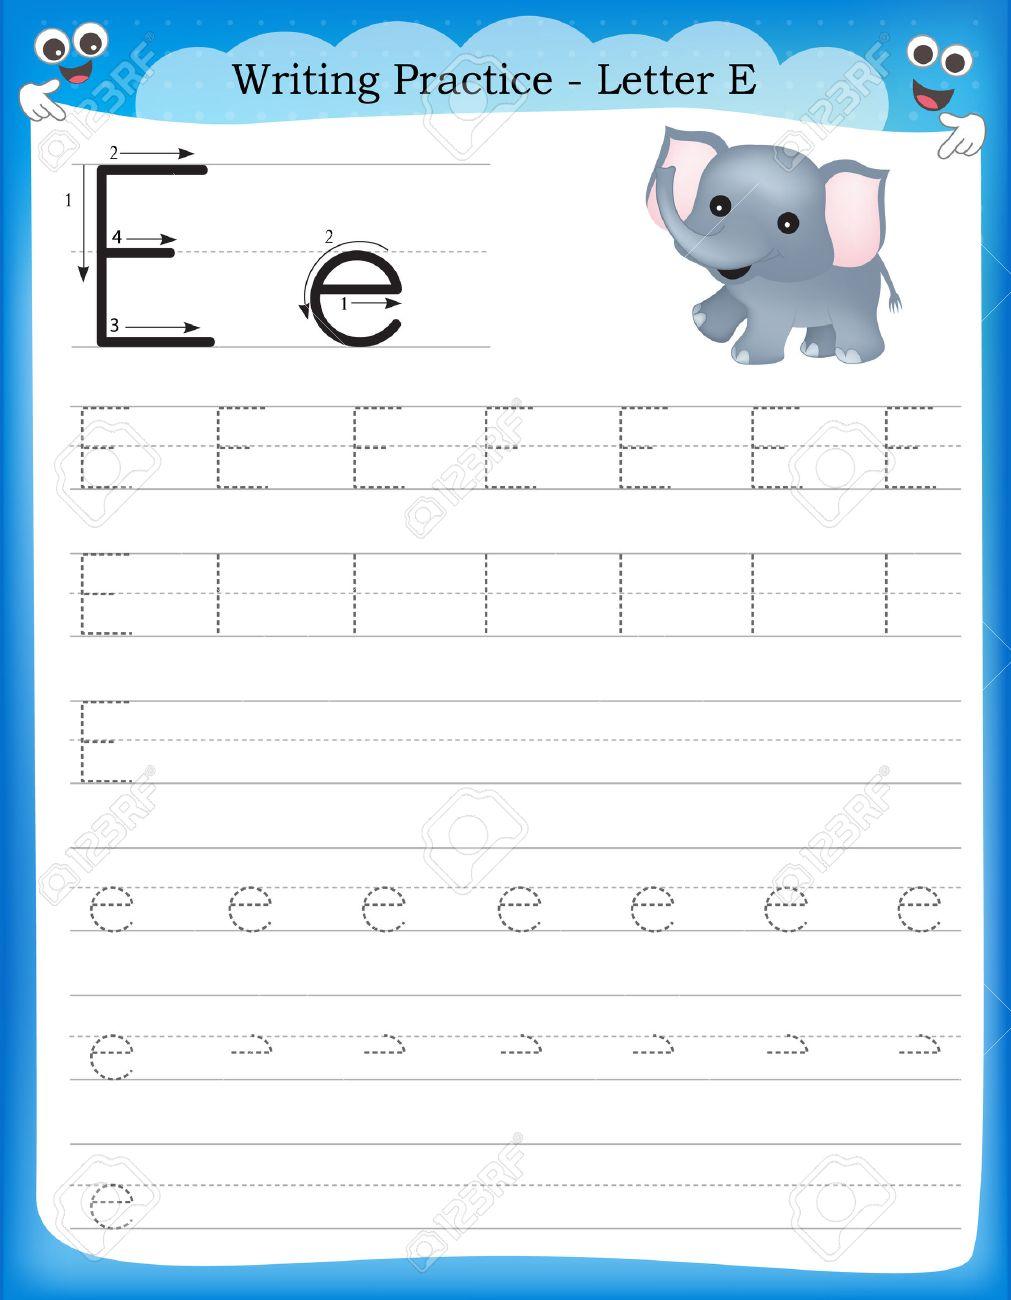 Writing Practice Letter E Printable Worksheet For Preschool ...